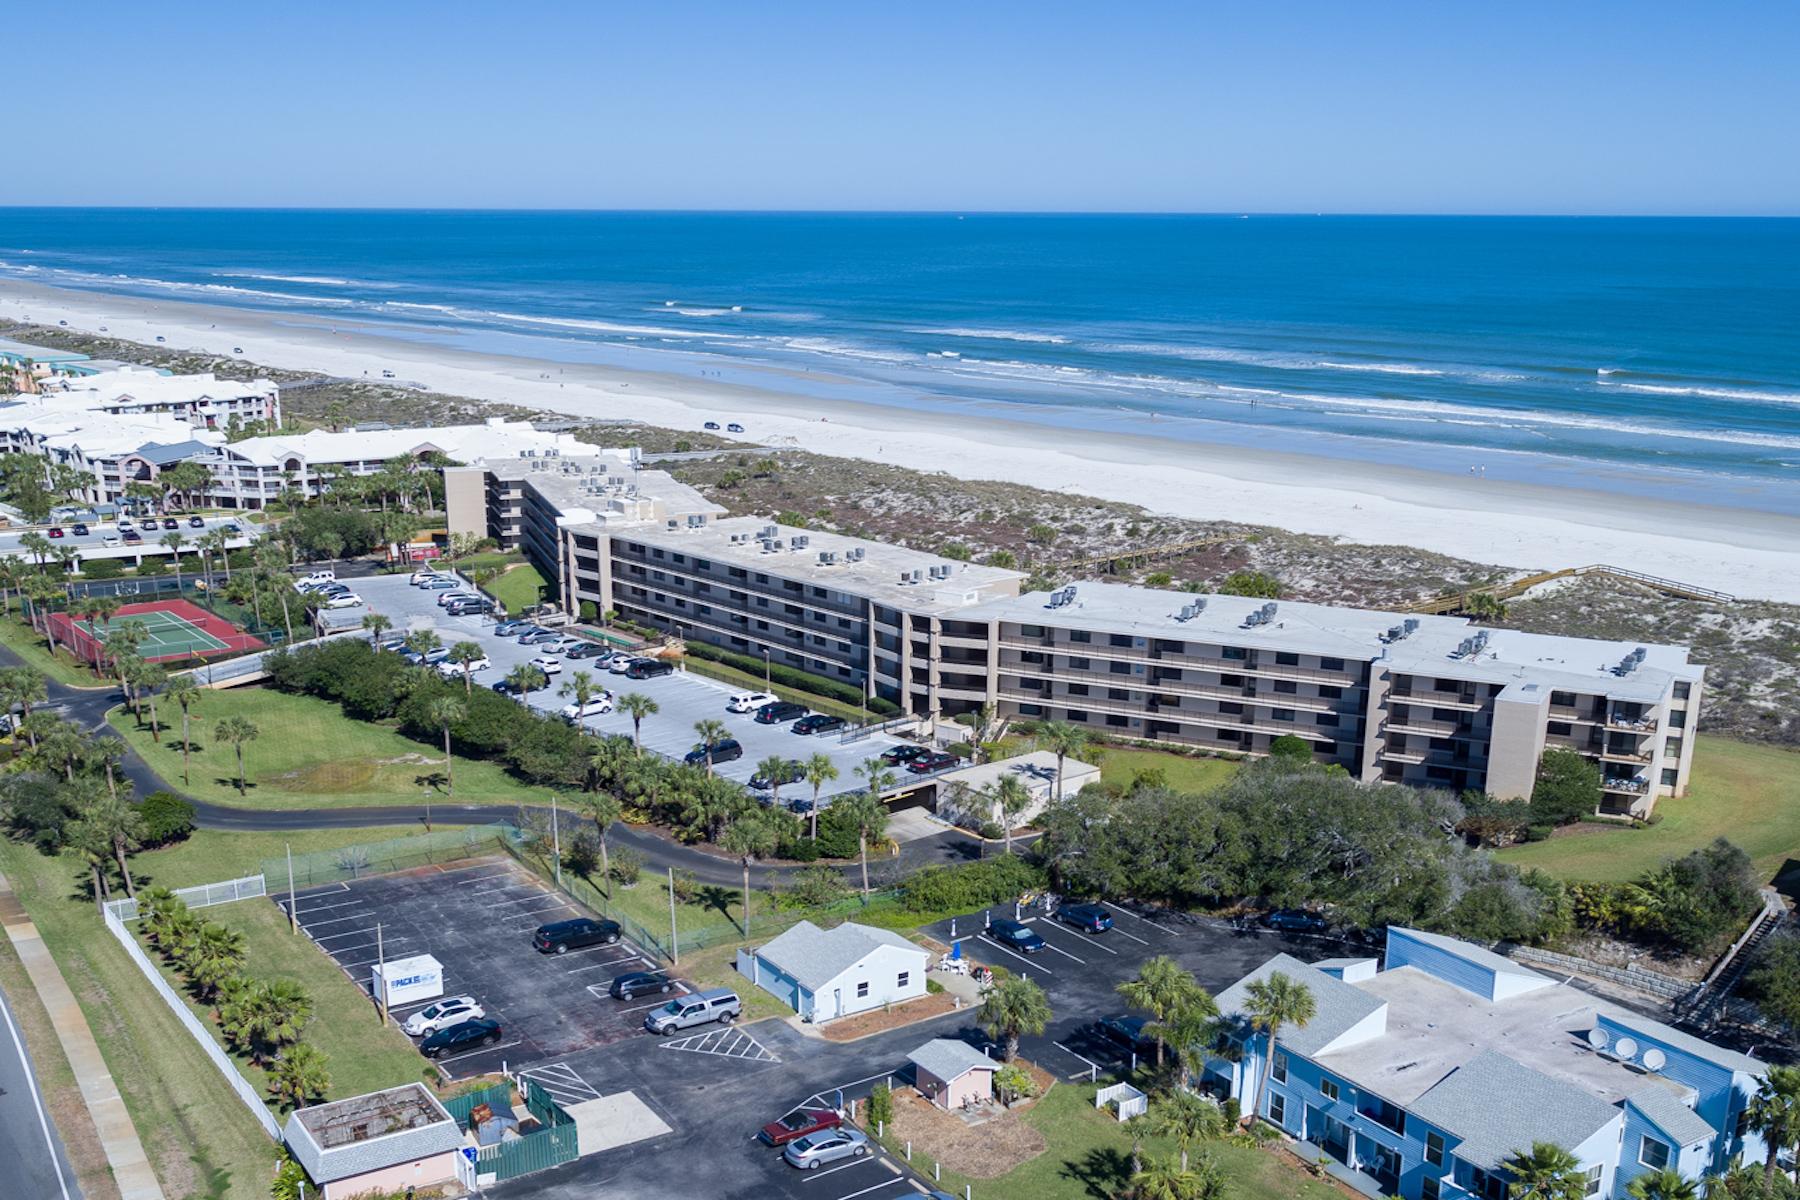 Nhà chung cư vì Bán tại Barefoot Trace 6240 South A1A #208 St. Augustine, Florida, 32080 Hoa Kỳ